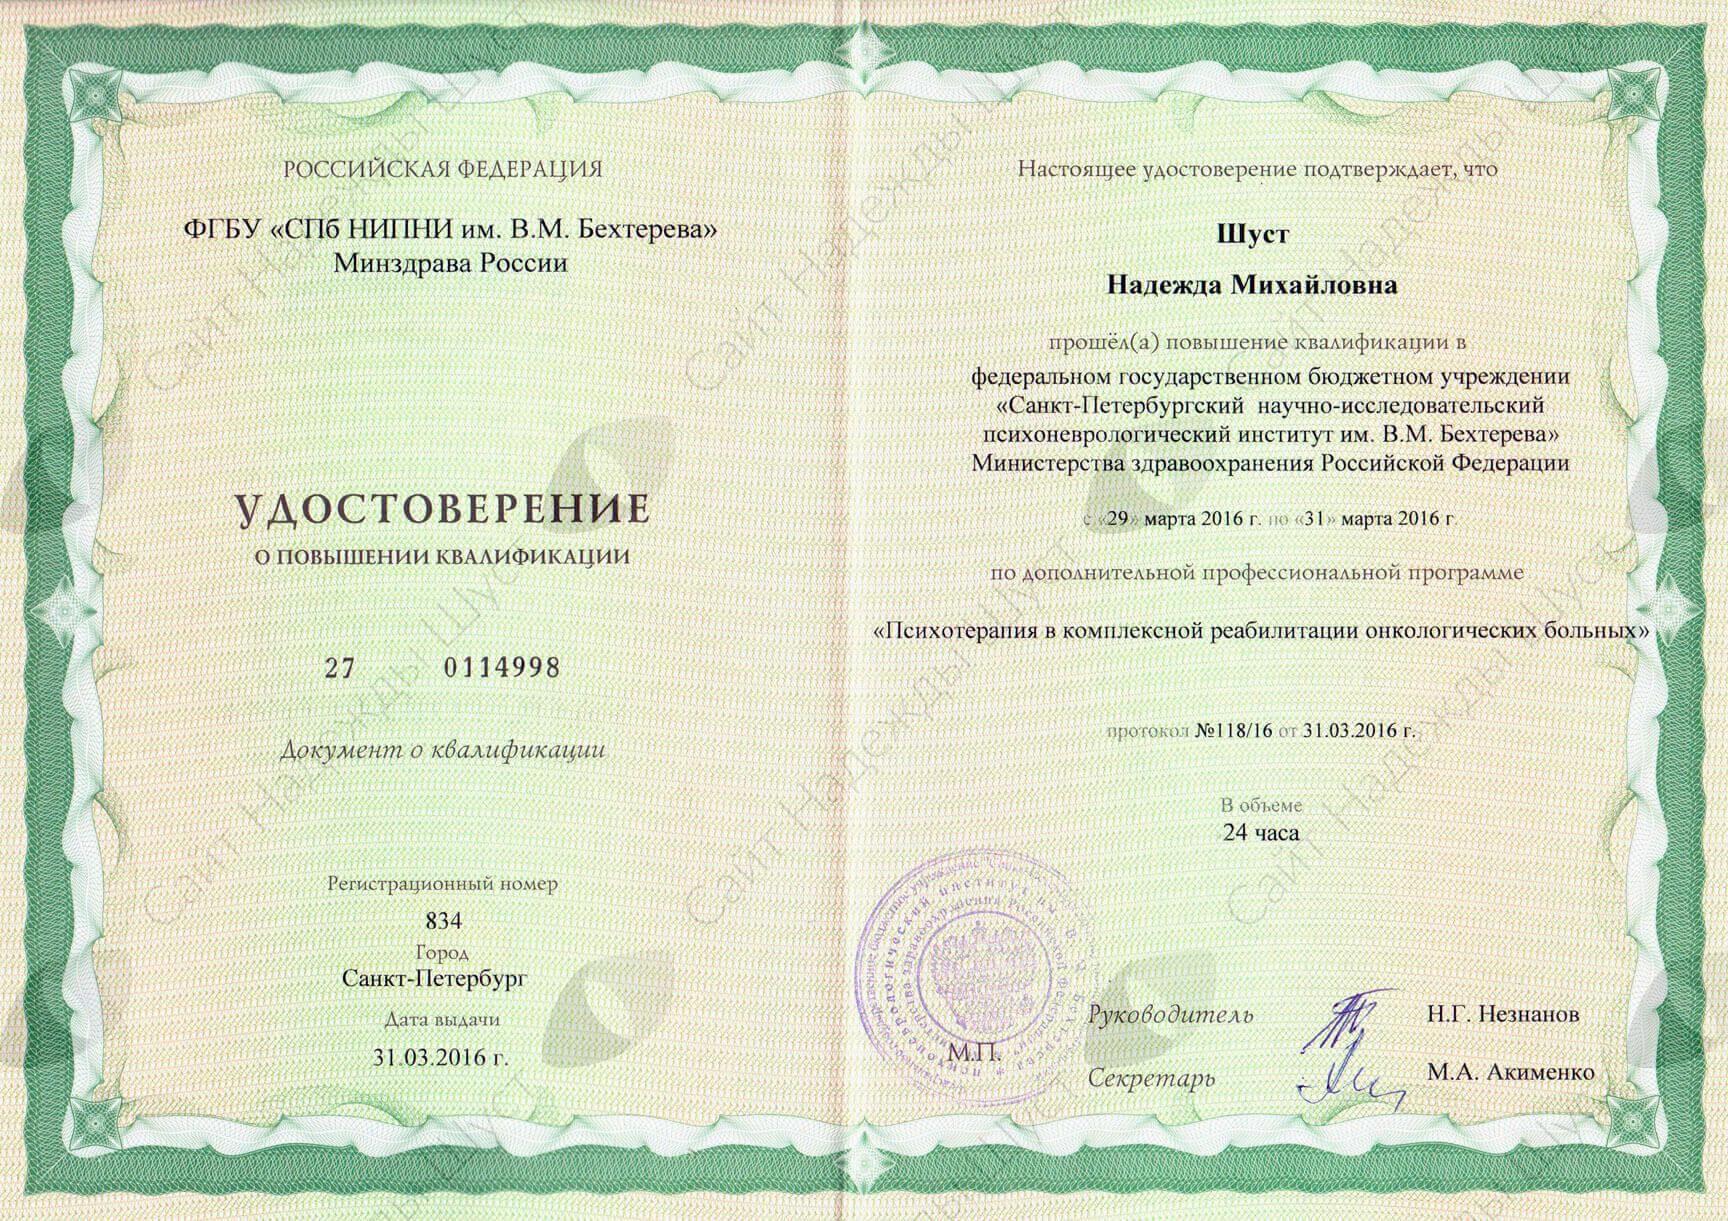 Повышение квалификации «Психотерапия в комплексной реабилитации онкологических больных» (НИИ имени В.М. Бехтерева)